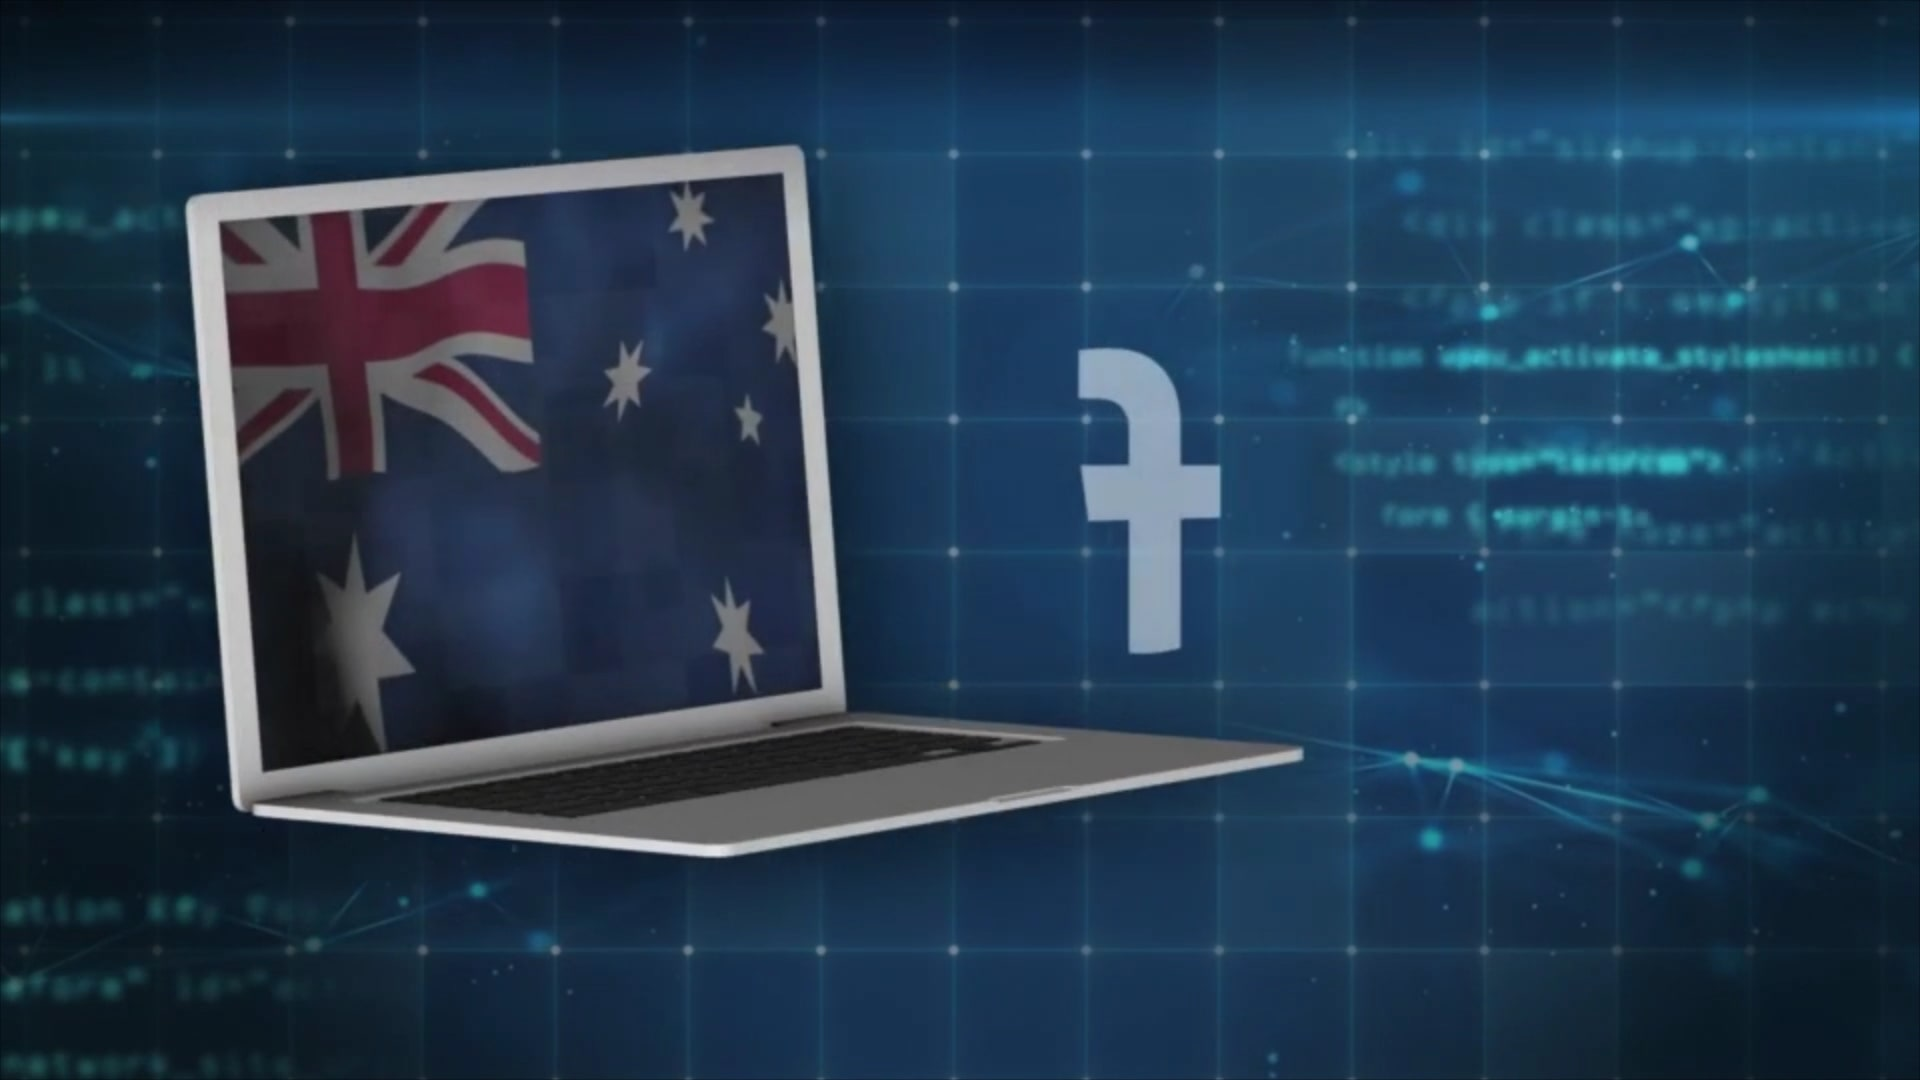 كل ما قد يهمك معرفته عن حظر فيسبوك للمحتوى الإخباري في أستراليا